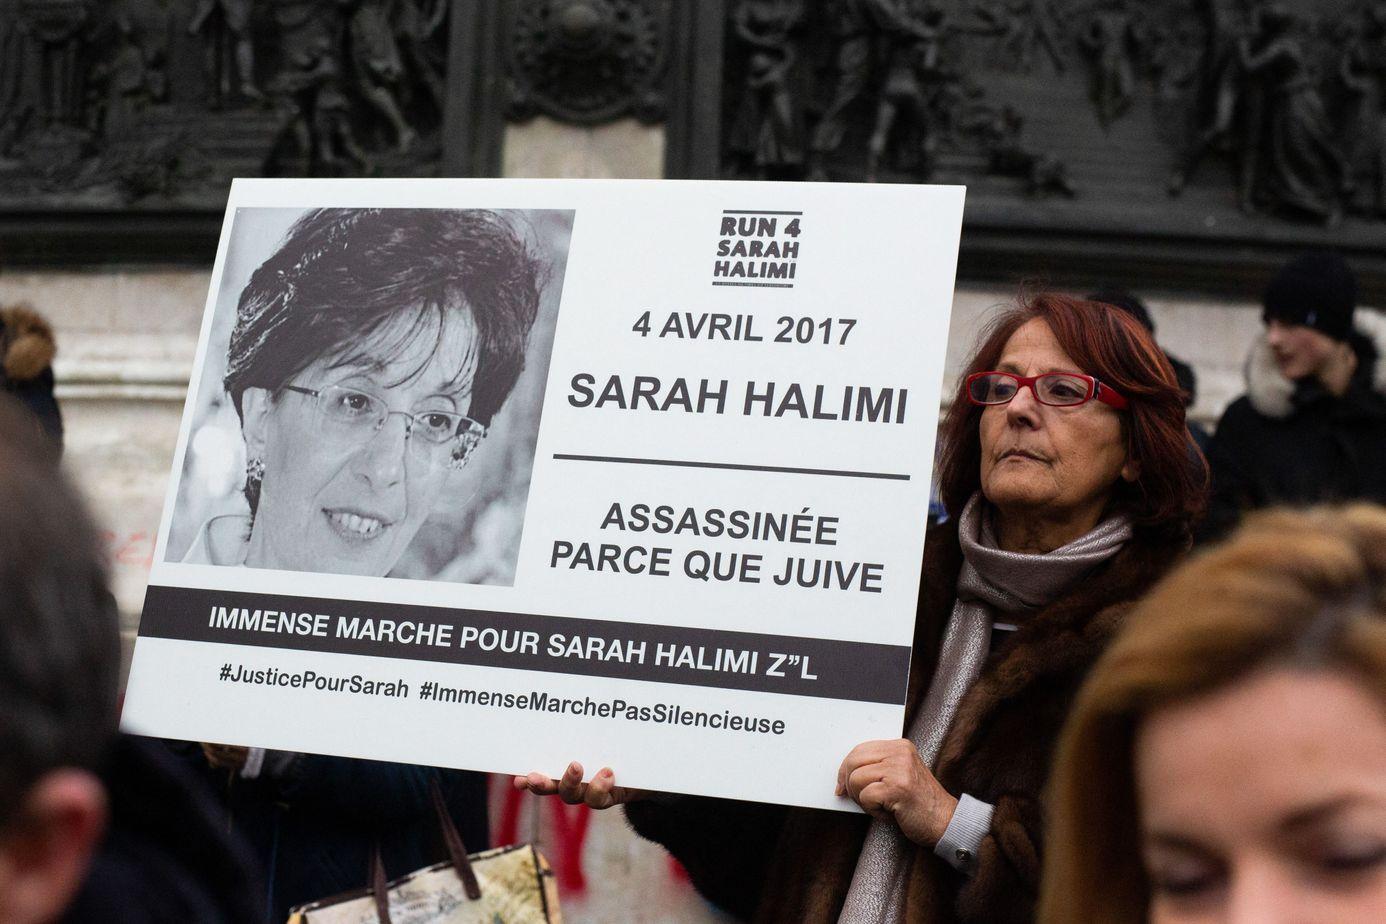 Une femme brandit une pancarte en hommage à Sarah Halimi.